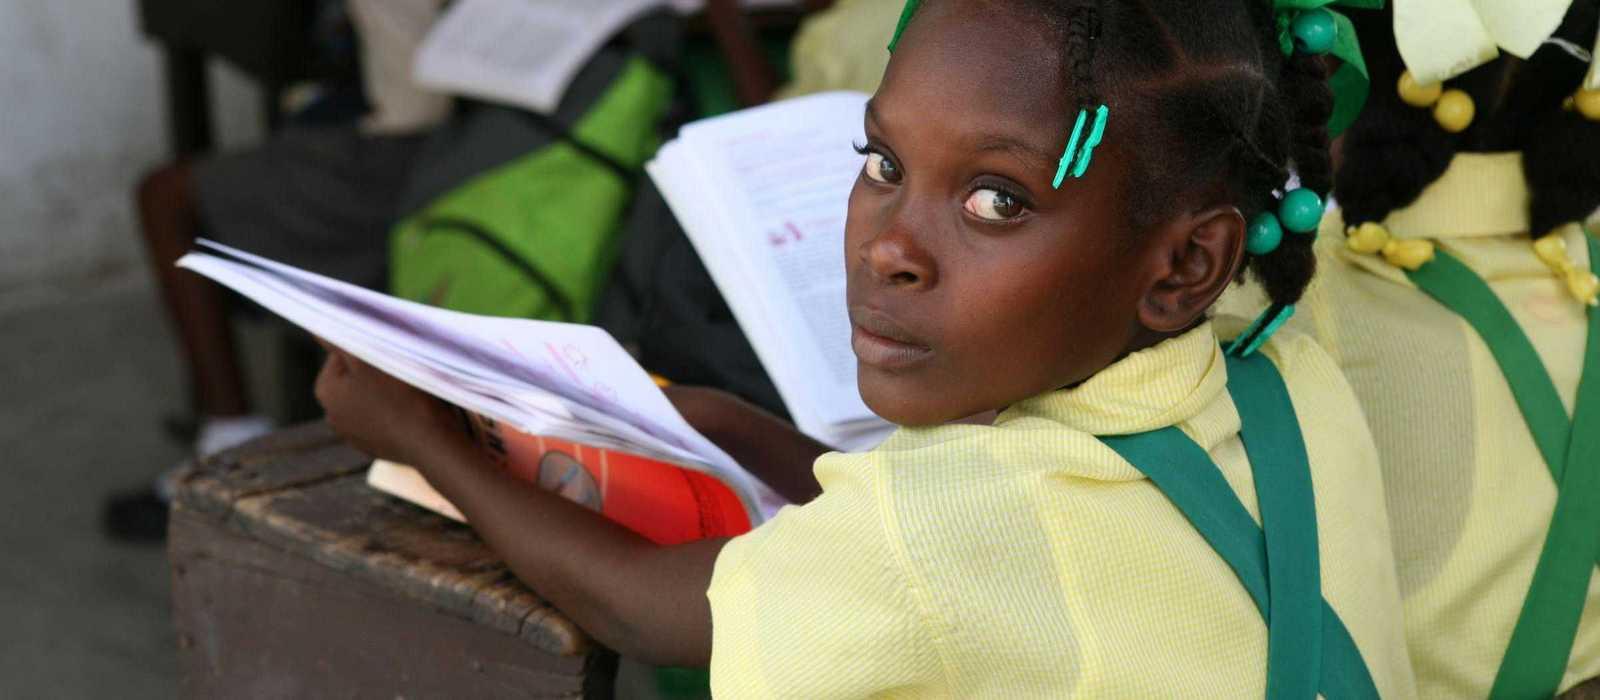 Mädchen in Schuluniform in einem kleinen Klassenraum